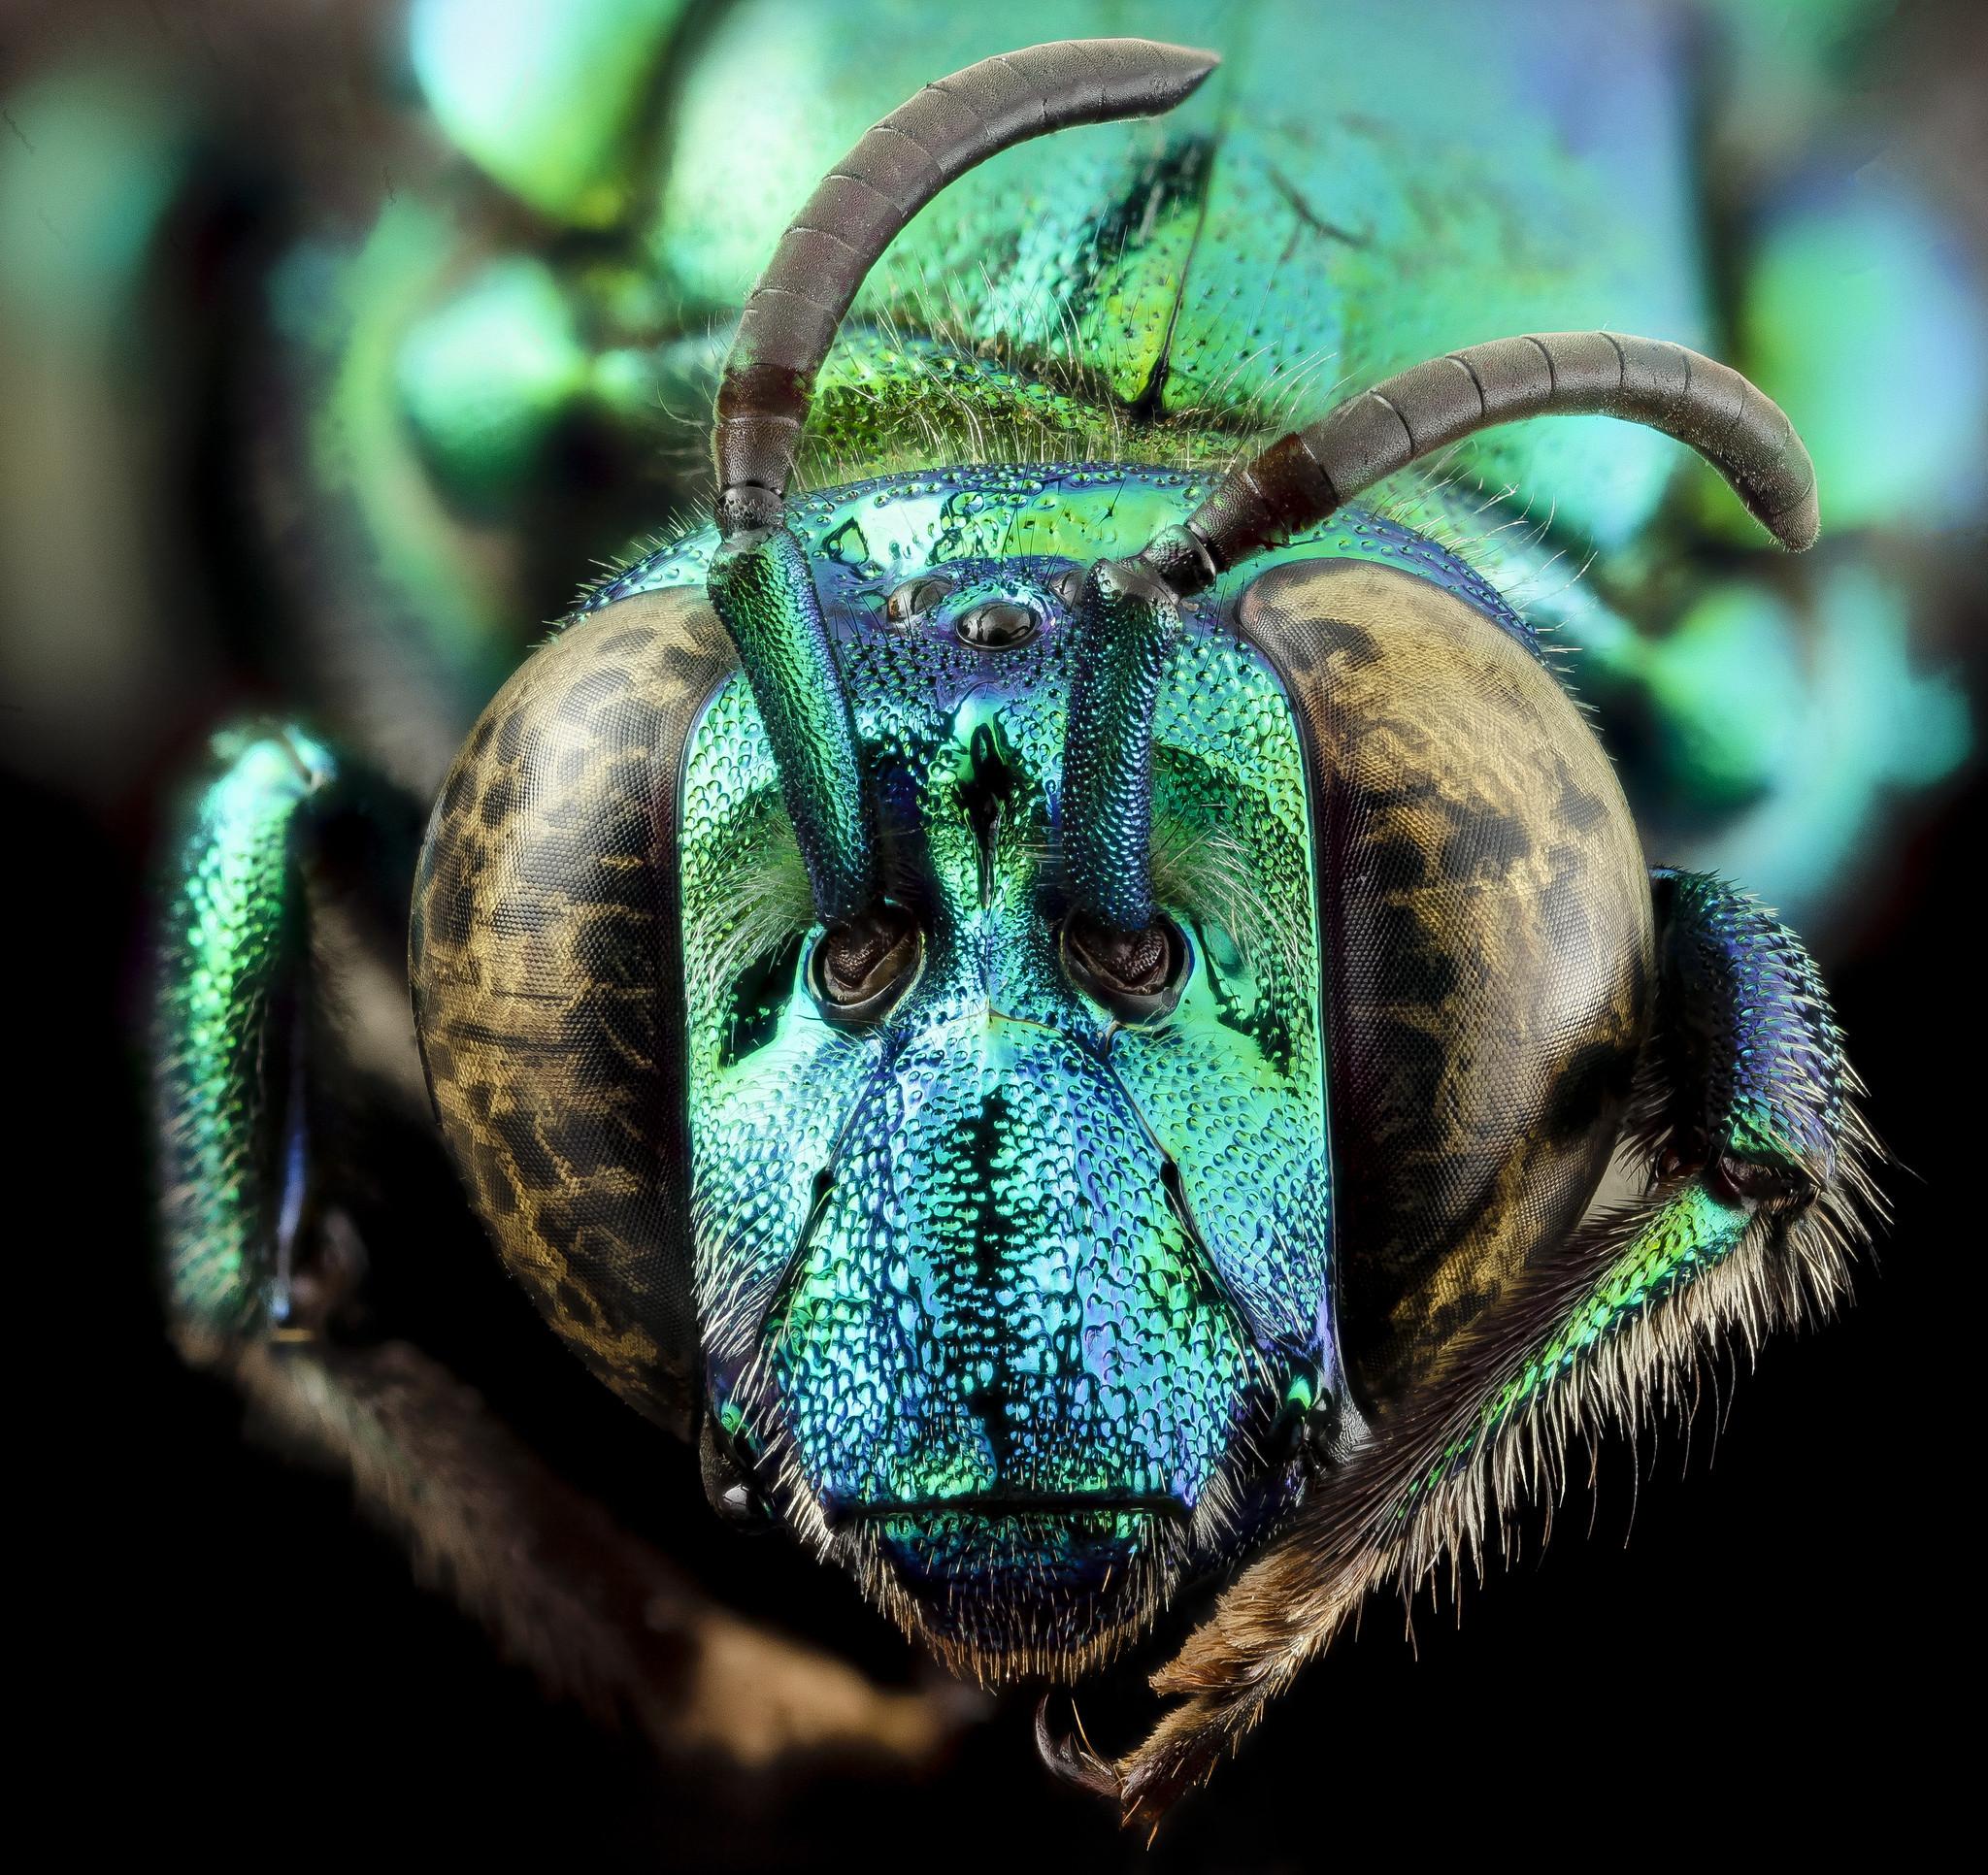 Natureza em pleno: A extraordinária beleza dos insetos